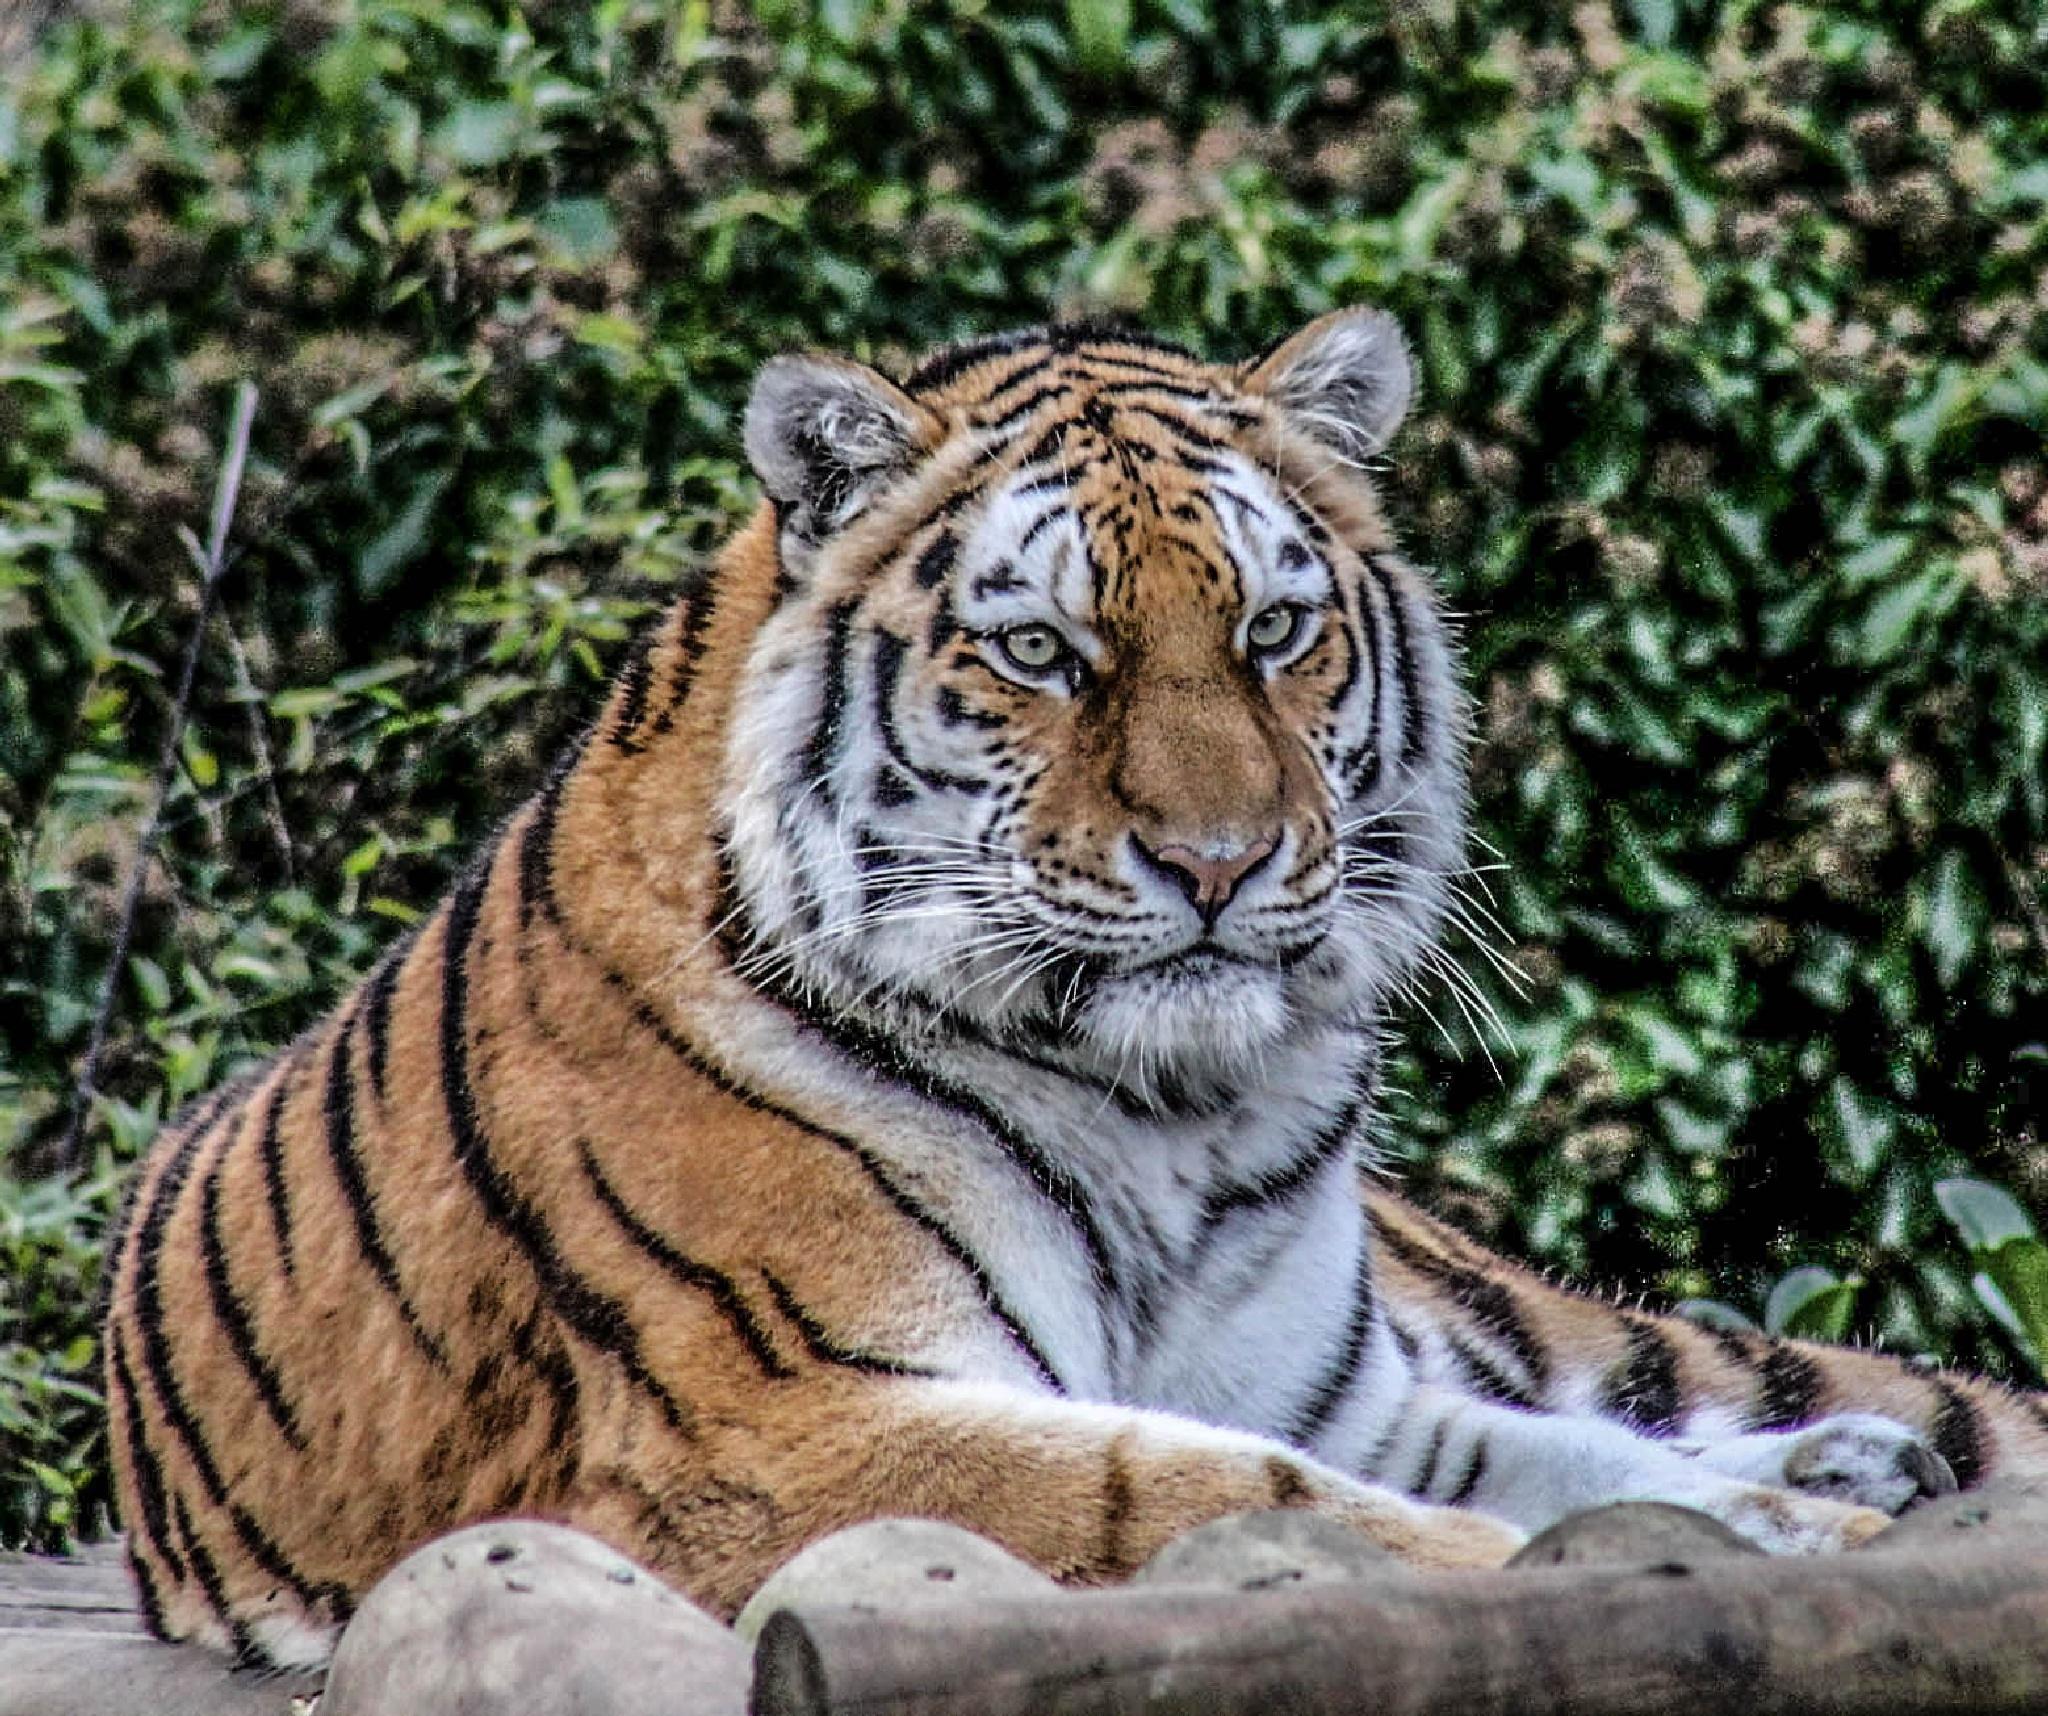 Tiger by garry-chisholm1